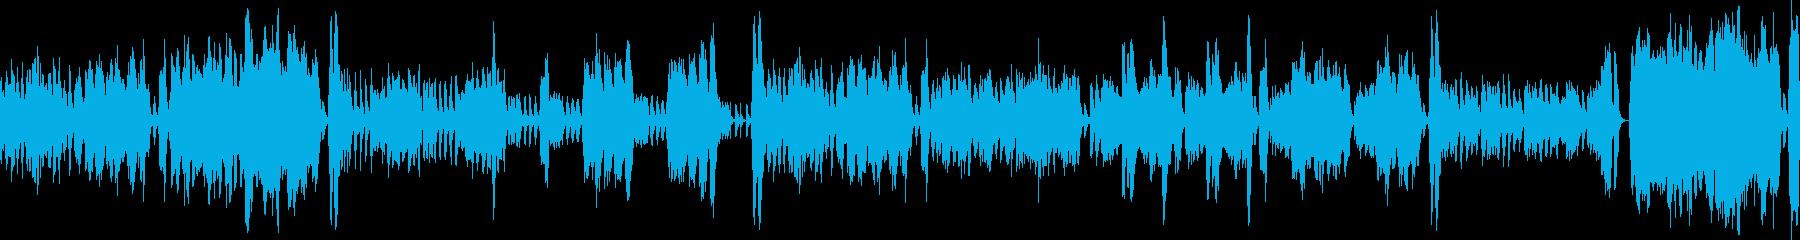 オーケストラ・コミカルな場面・ループ仕様の再生済みの波形